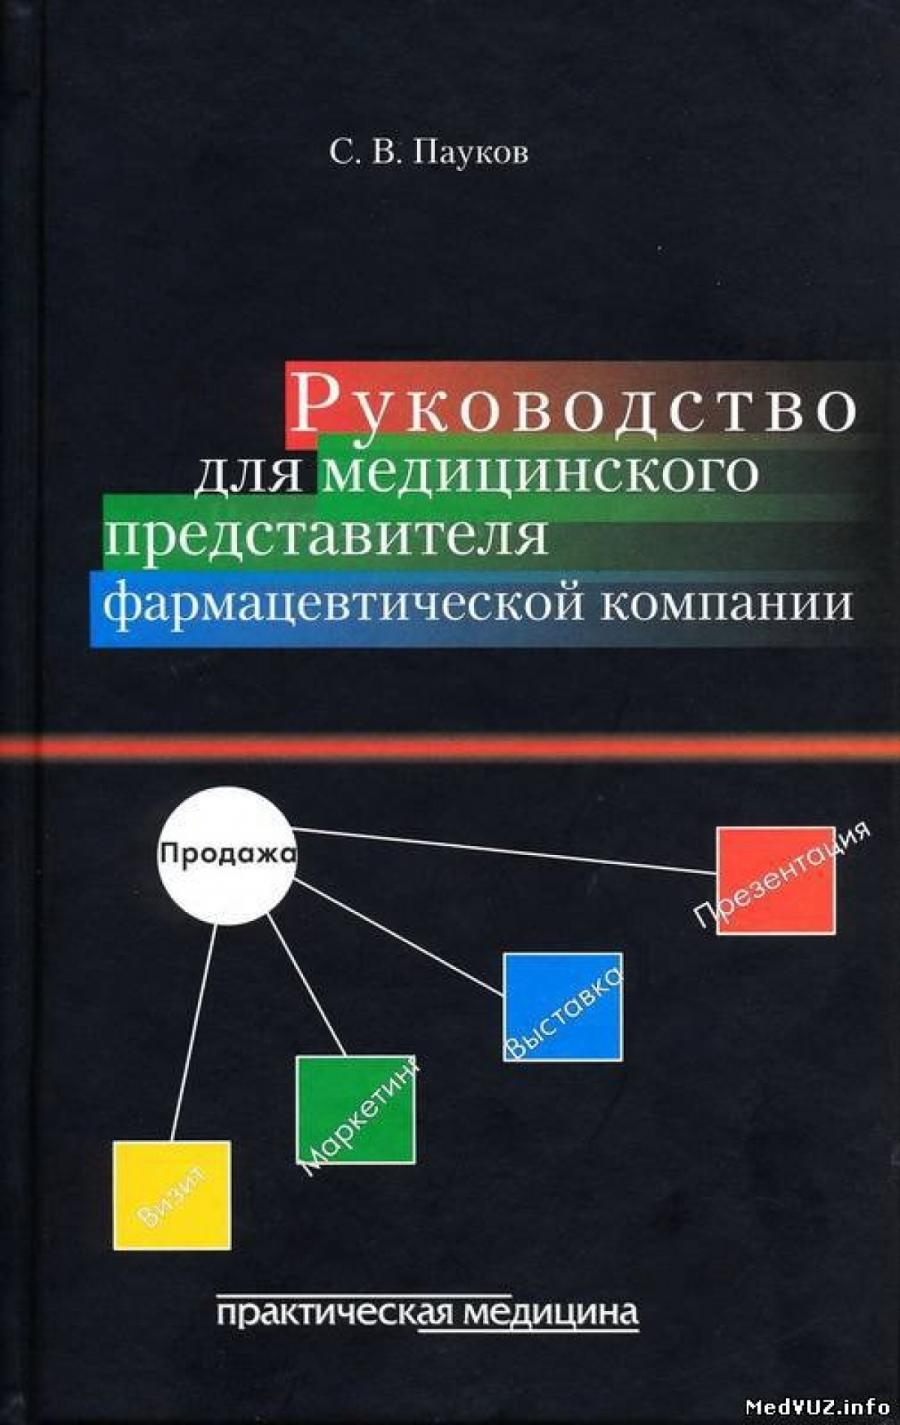 Обложка книги:  с. пауков - руководство для медицинского представителя фармацевтической компании.